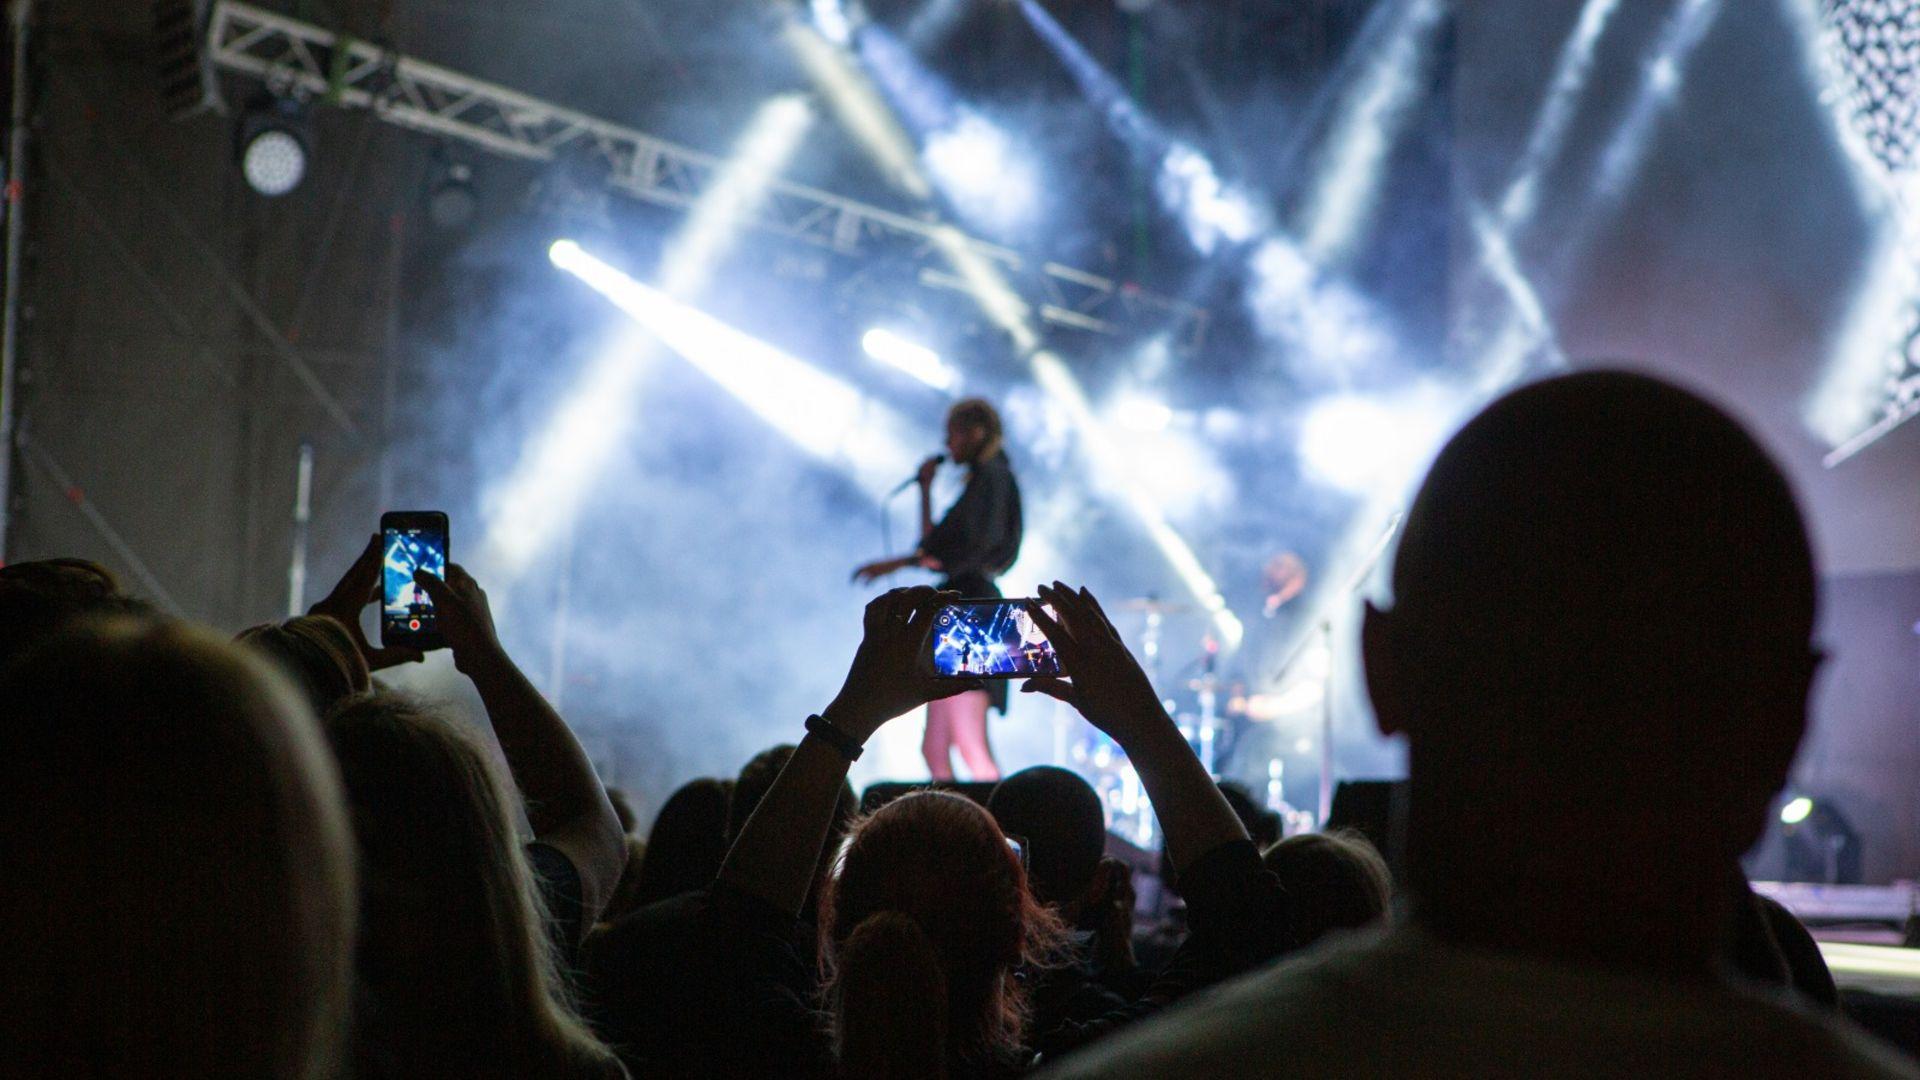 Son dakika haberleri: Bakanlıktan müzik sektörüne destek!